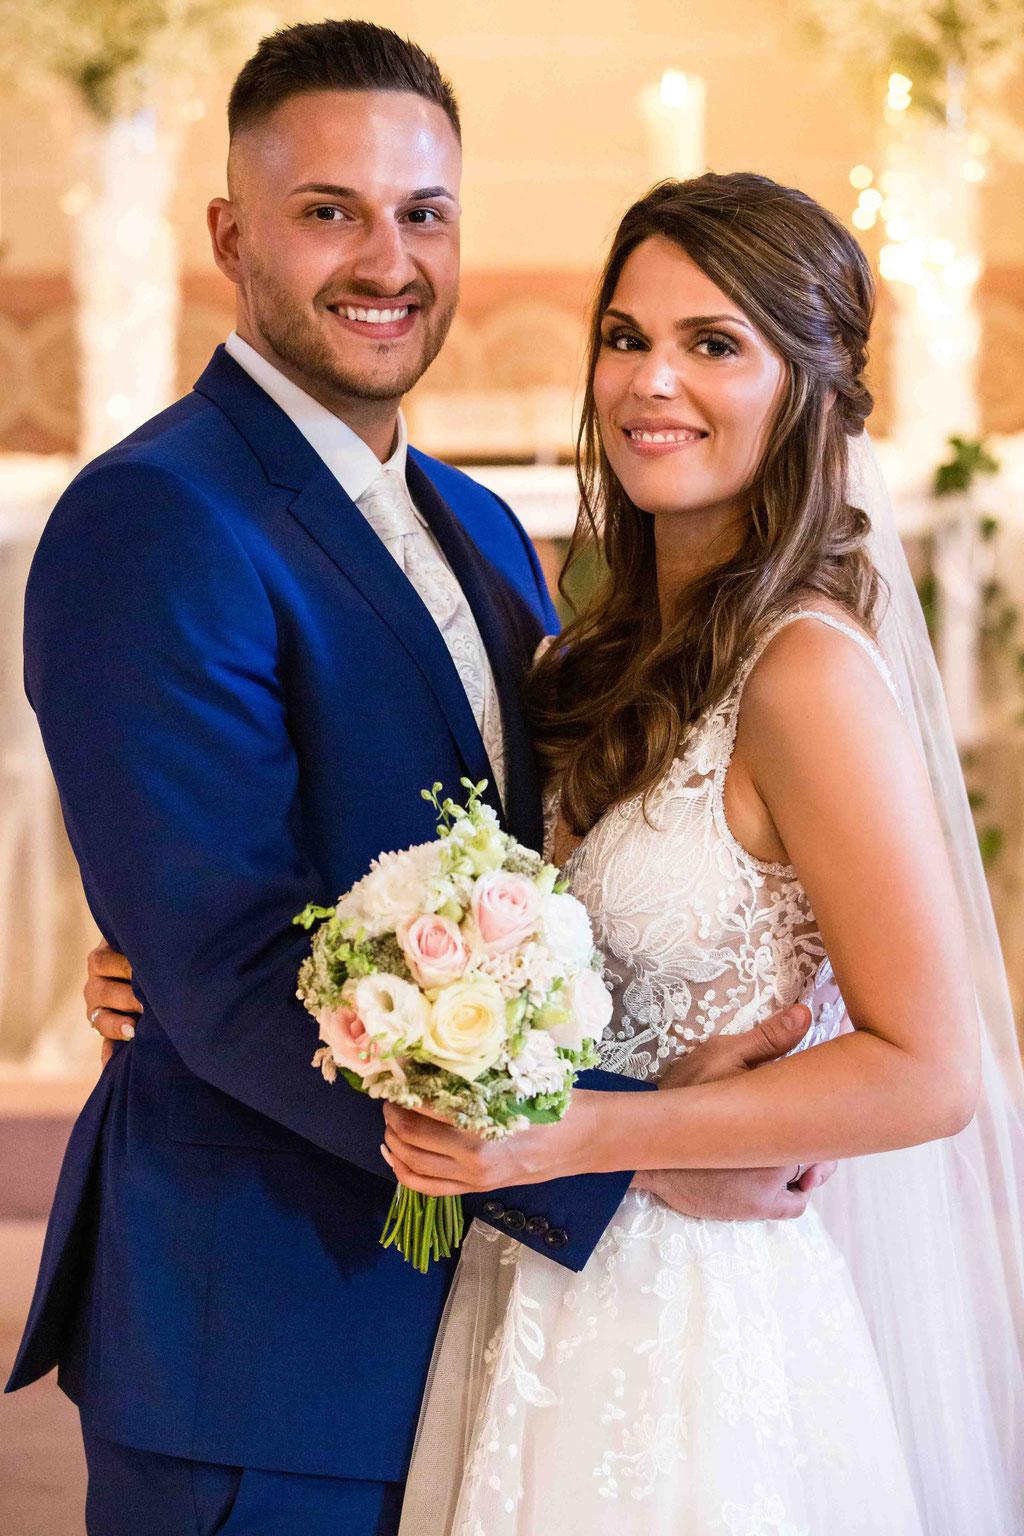 Hochzeit: Weststadtbar Darmstadt, Mainzer Straße 106, 64293 Darmstadt - Hochzeitsfotograf, Ehepaar Bilder, Bilder vom Brautpaar, Paarshooting eurer Hochzeit, Hochzeitsbild